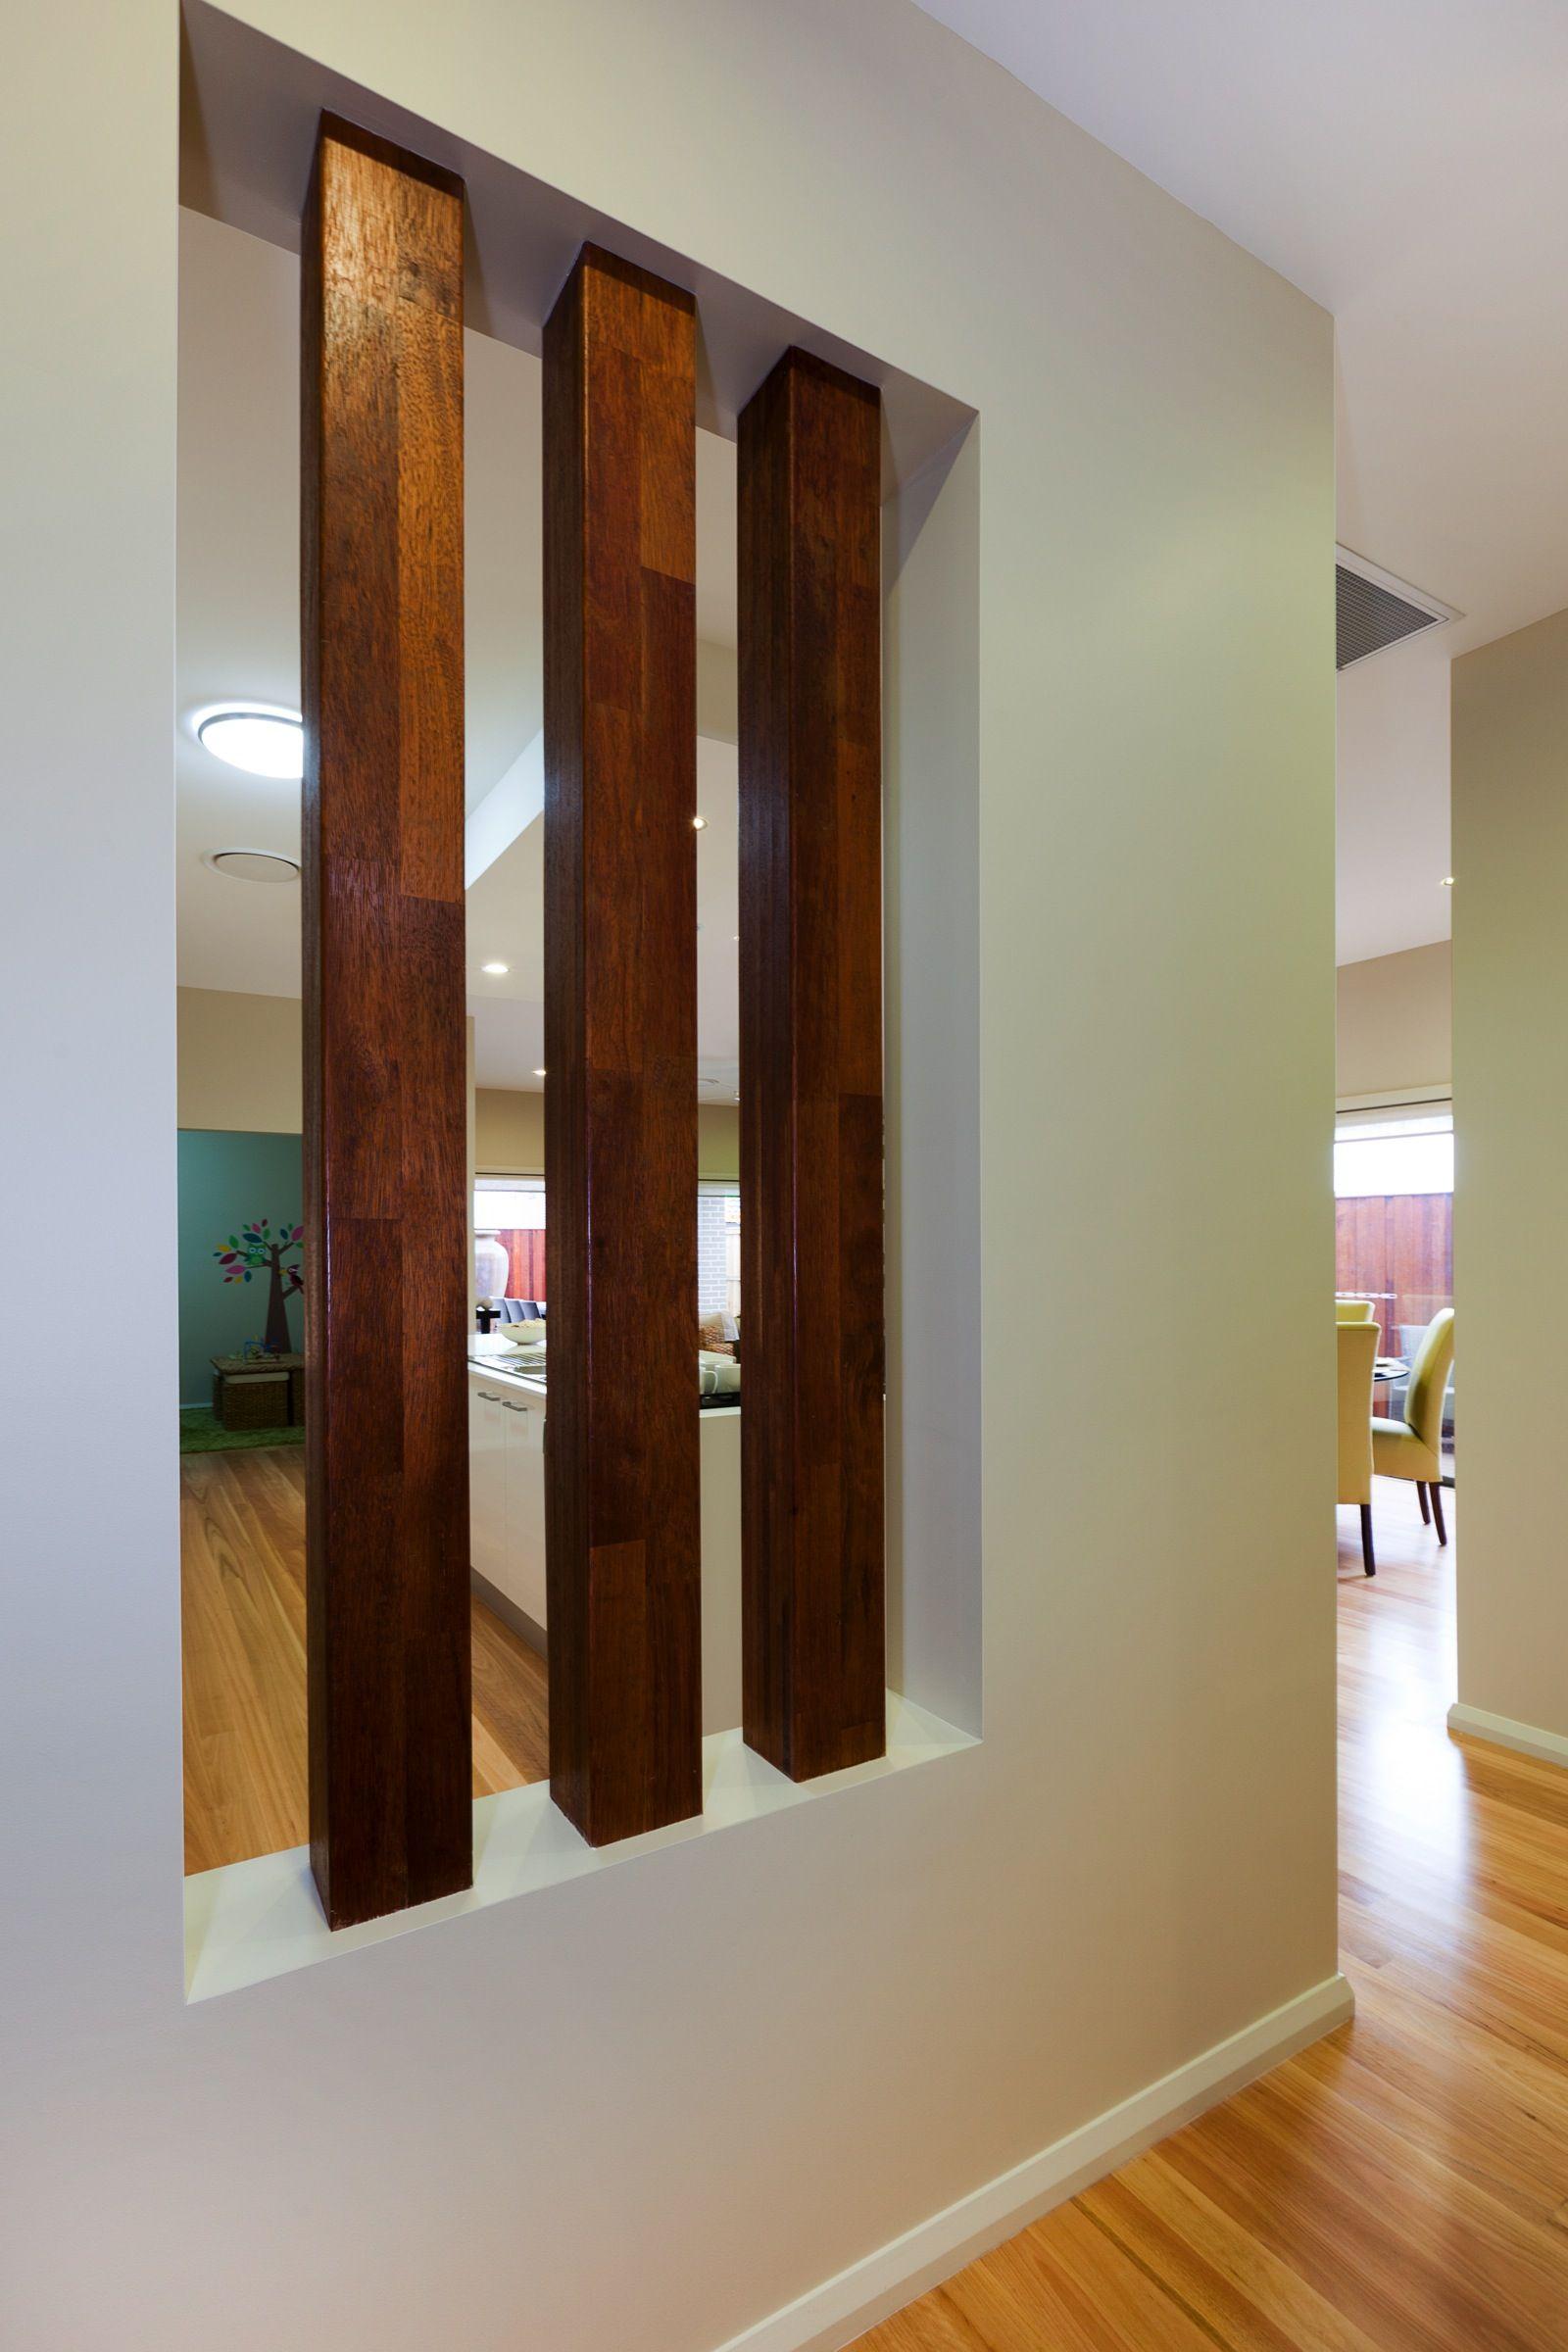 Image Result For House Entrances With Concrete Slab Room Partition Designs Living Room Divider Room Divider